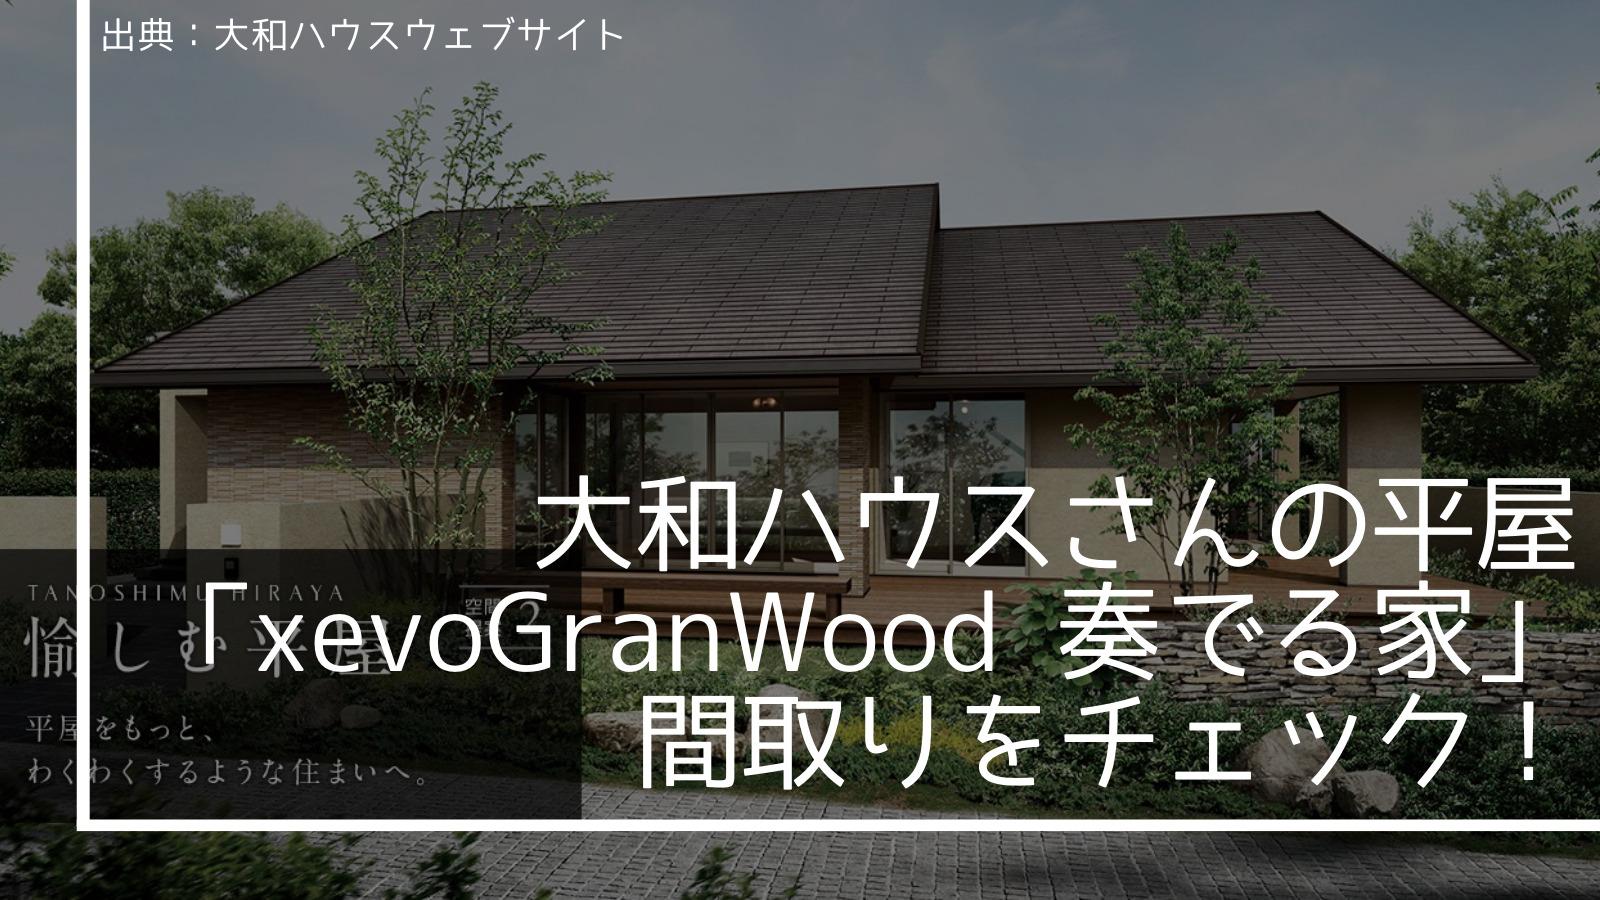 大和ハウスの平屋「xevoGranWood 奏でる家」の間取りをチェック!【楽器を演奏したい人必見!】